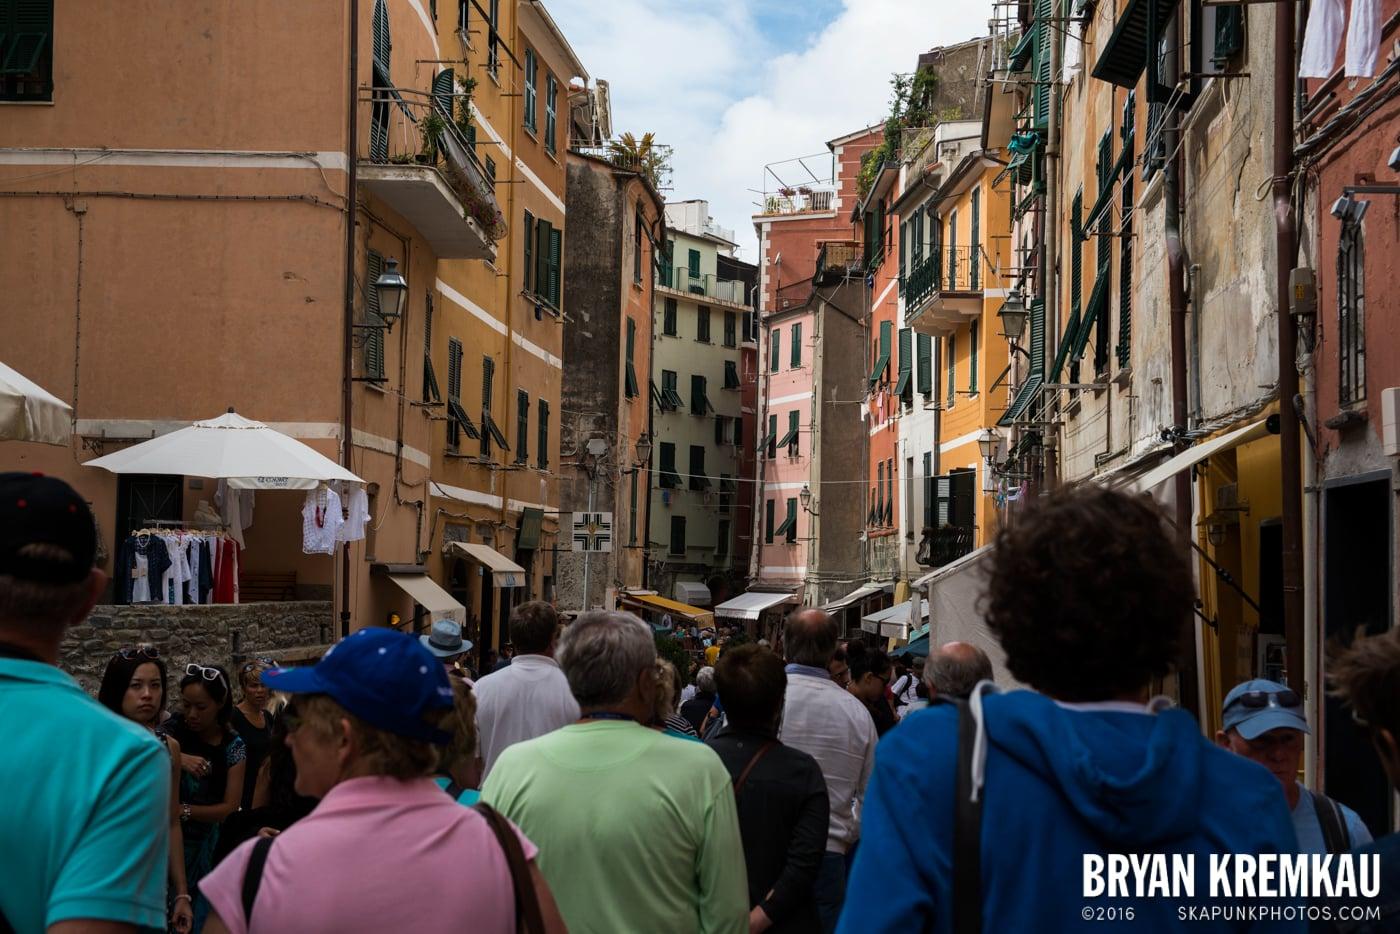 Italy Vacation - Day 10: Cinque Terre - 9.18.13 (60)